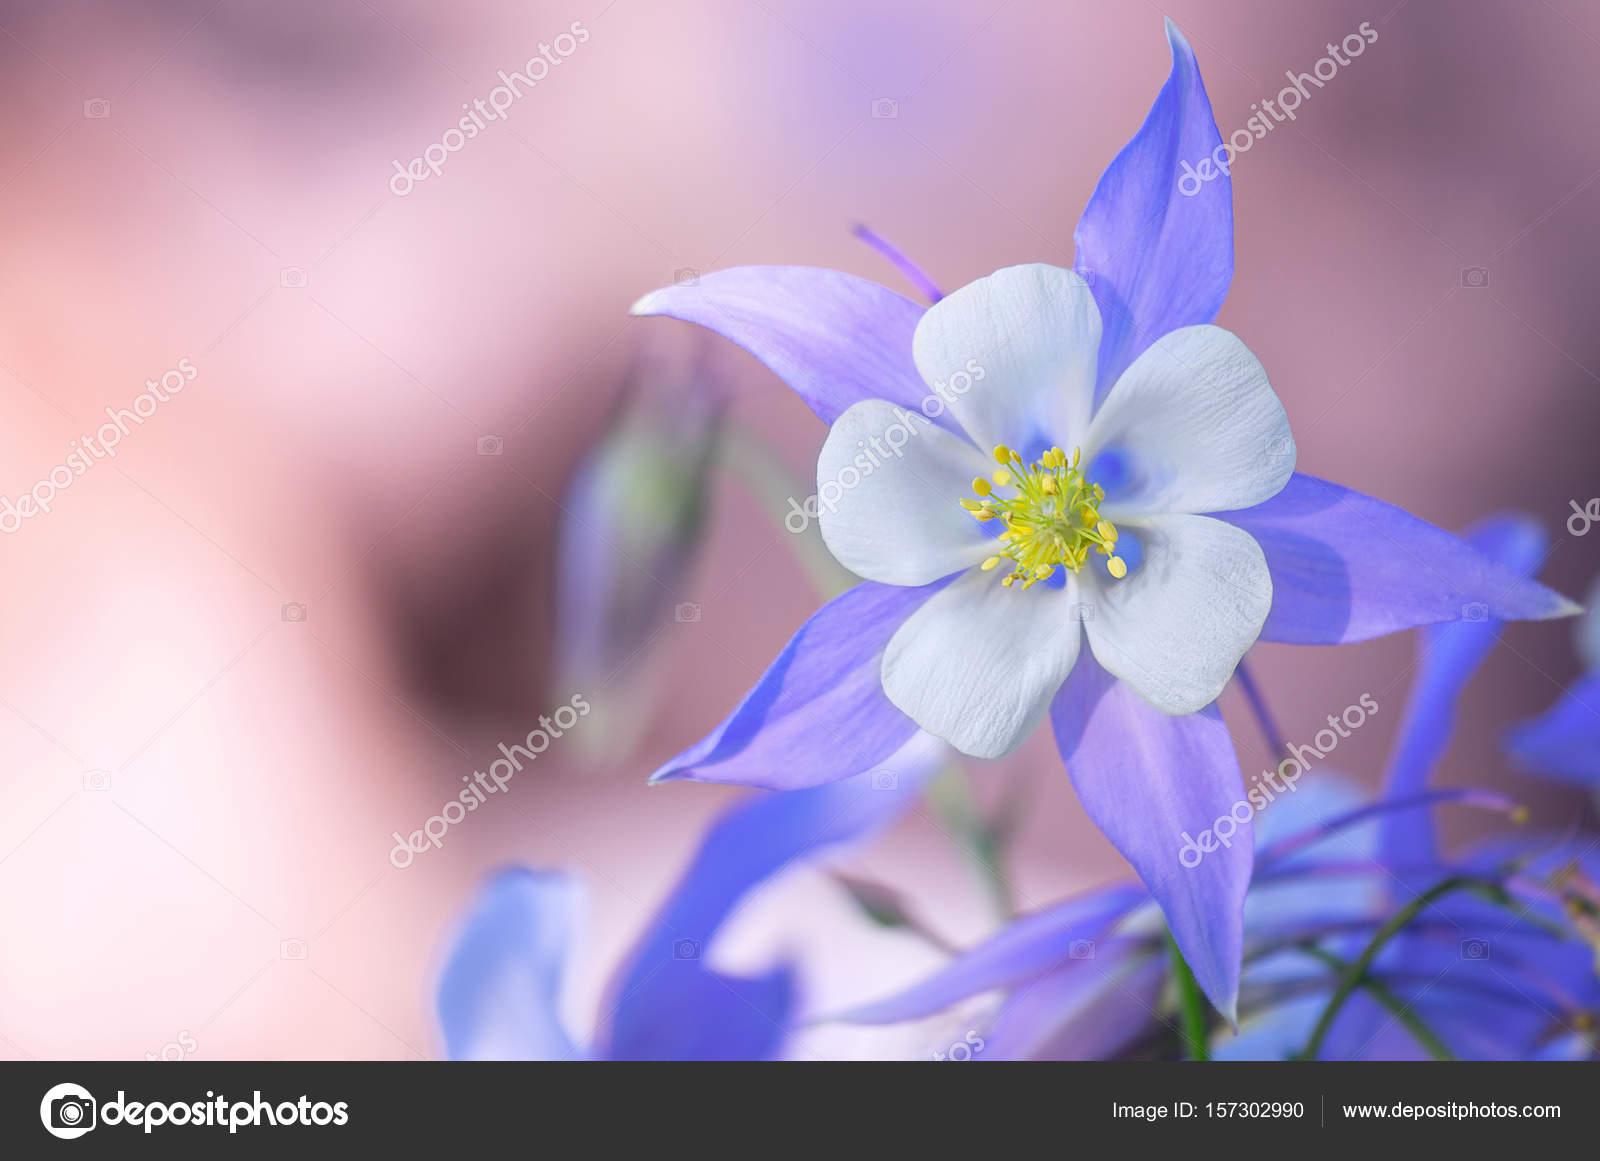 Garden of blue columbine flowers stock photo lana137 157302990 blooming columbine flower and bud close up one beautiful bluish purple flower aquilegia laramensis america photo by lana137 izmirmasajfo